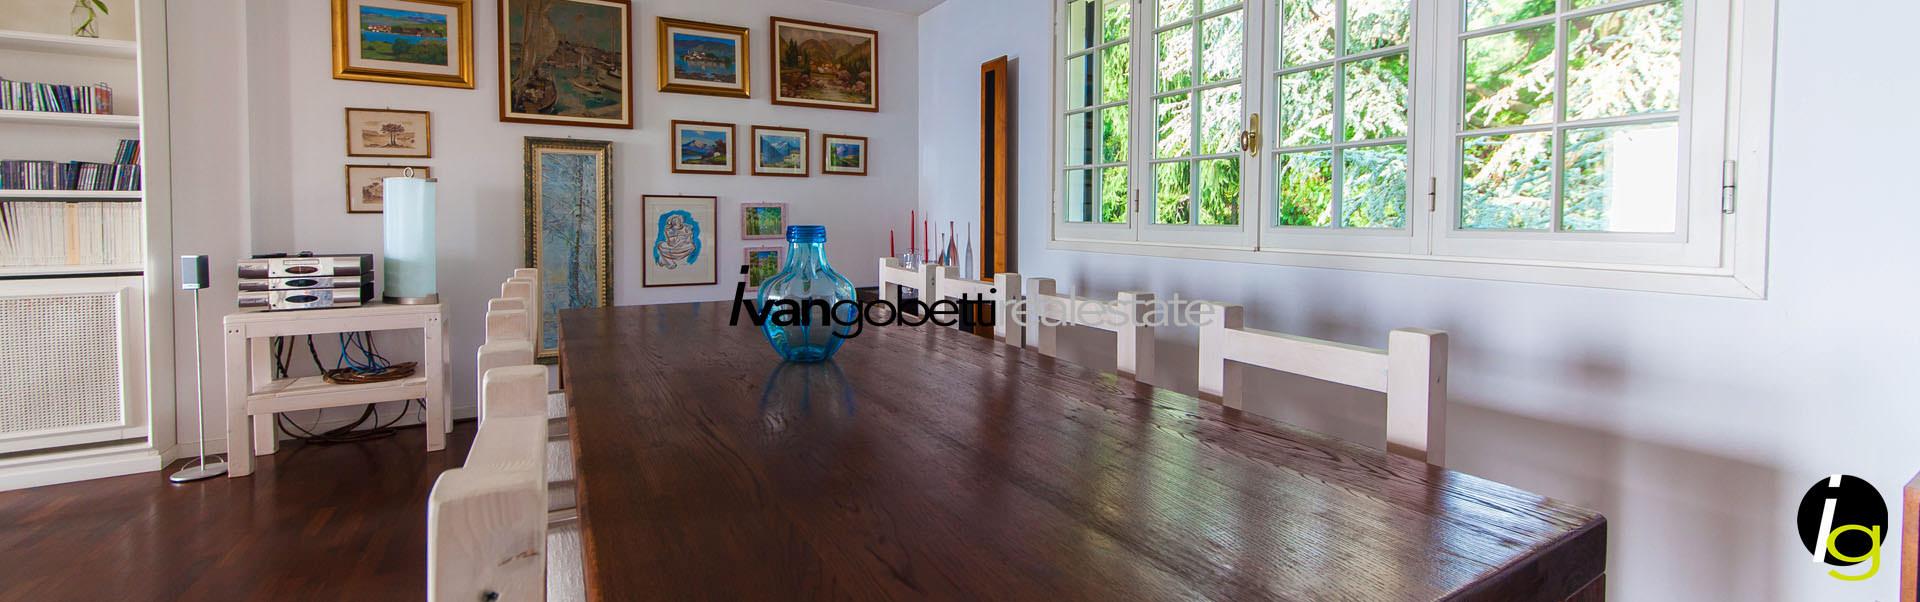 Vendesi villa a Massino Visconti Lago Maggiore